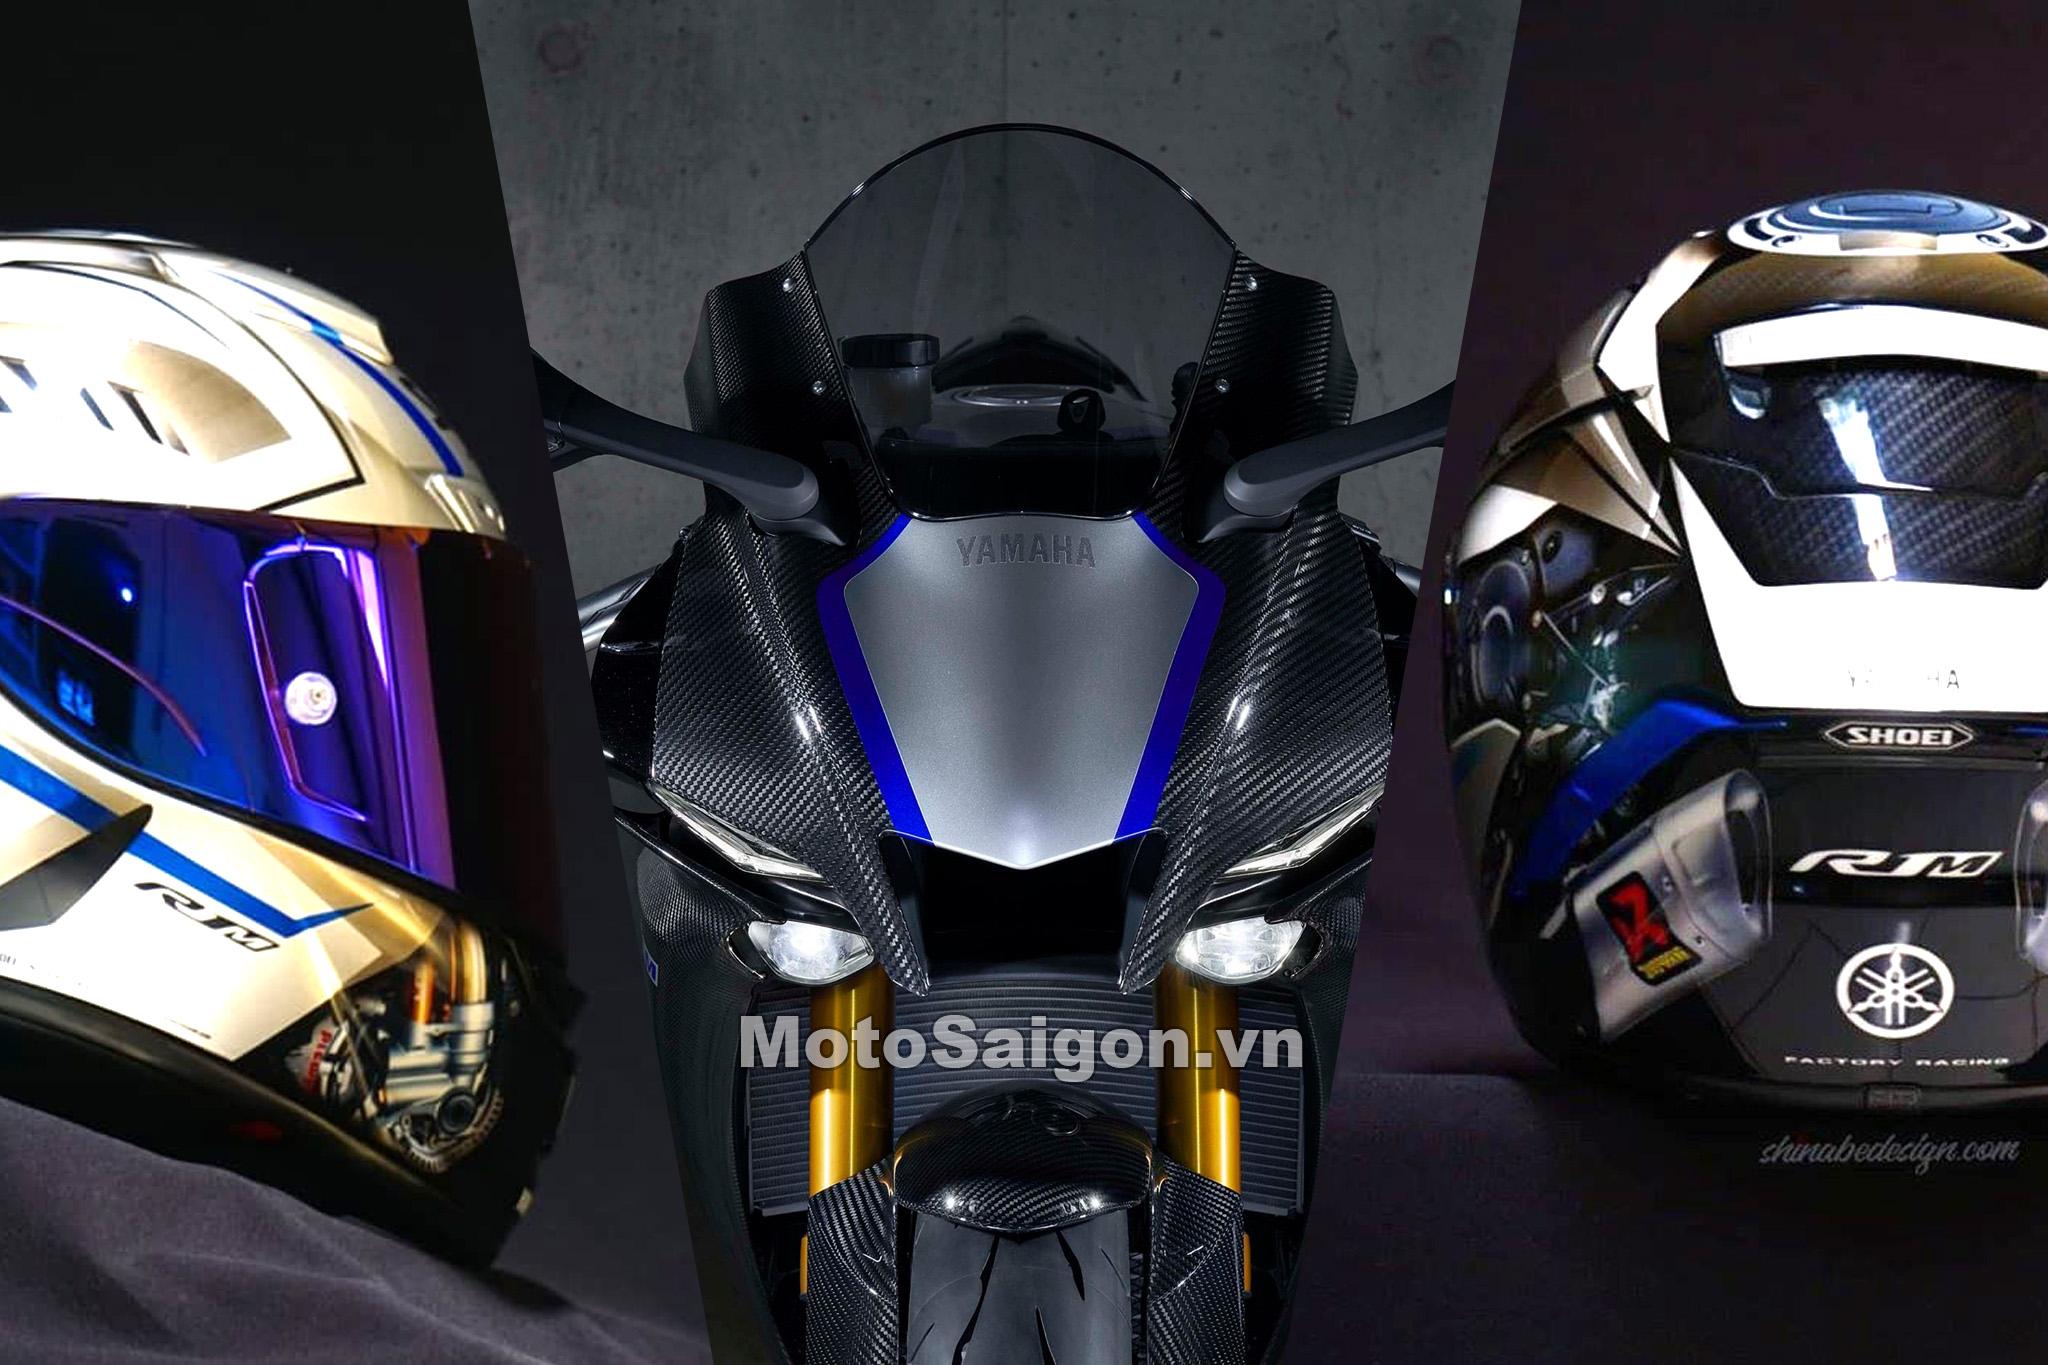 Shoei X14 tem đặc biệt dành cho Yamaha R1M giá bán cực khủng